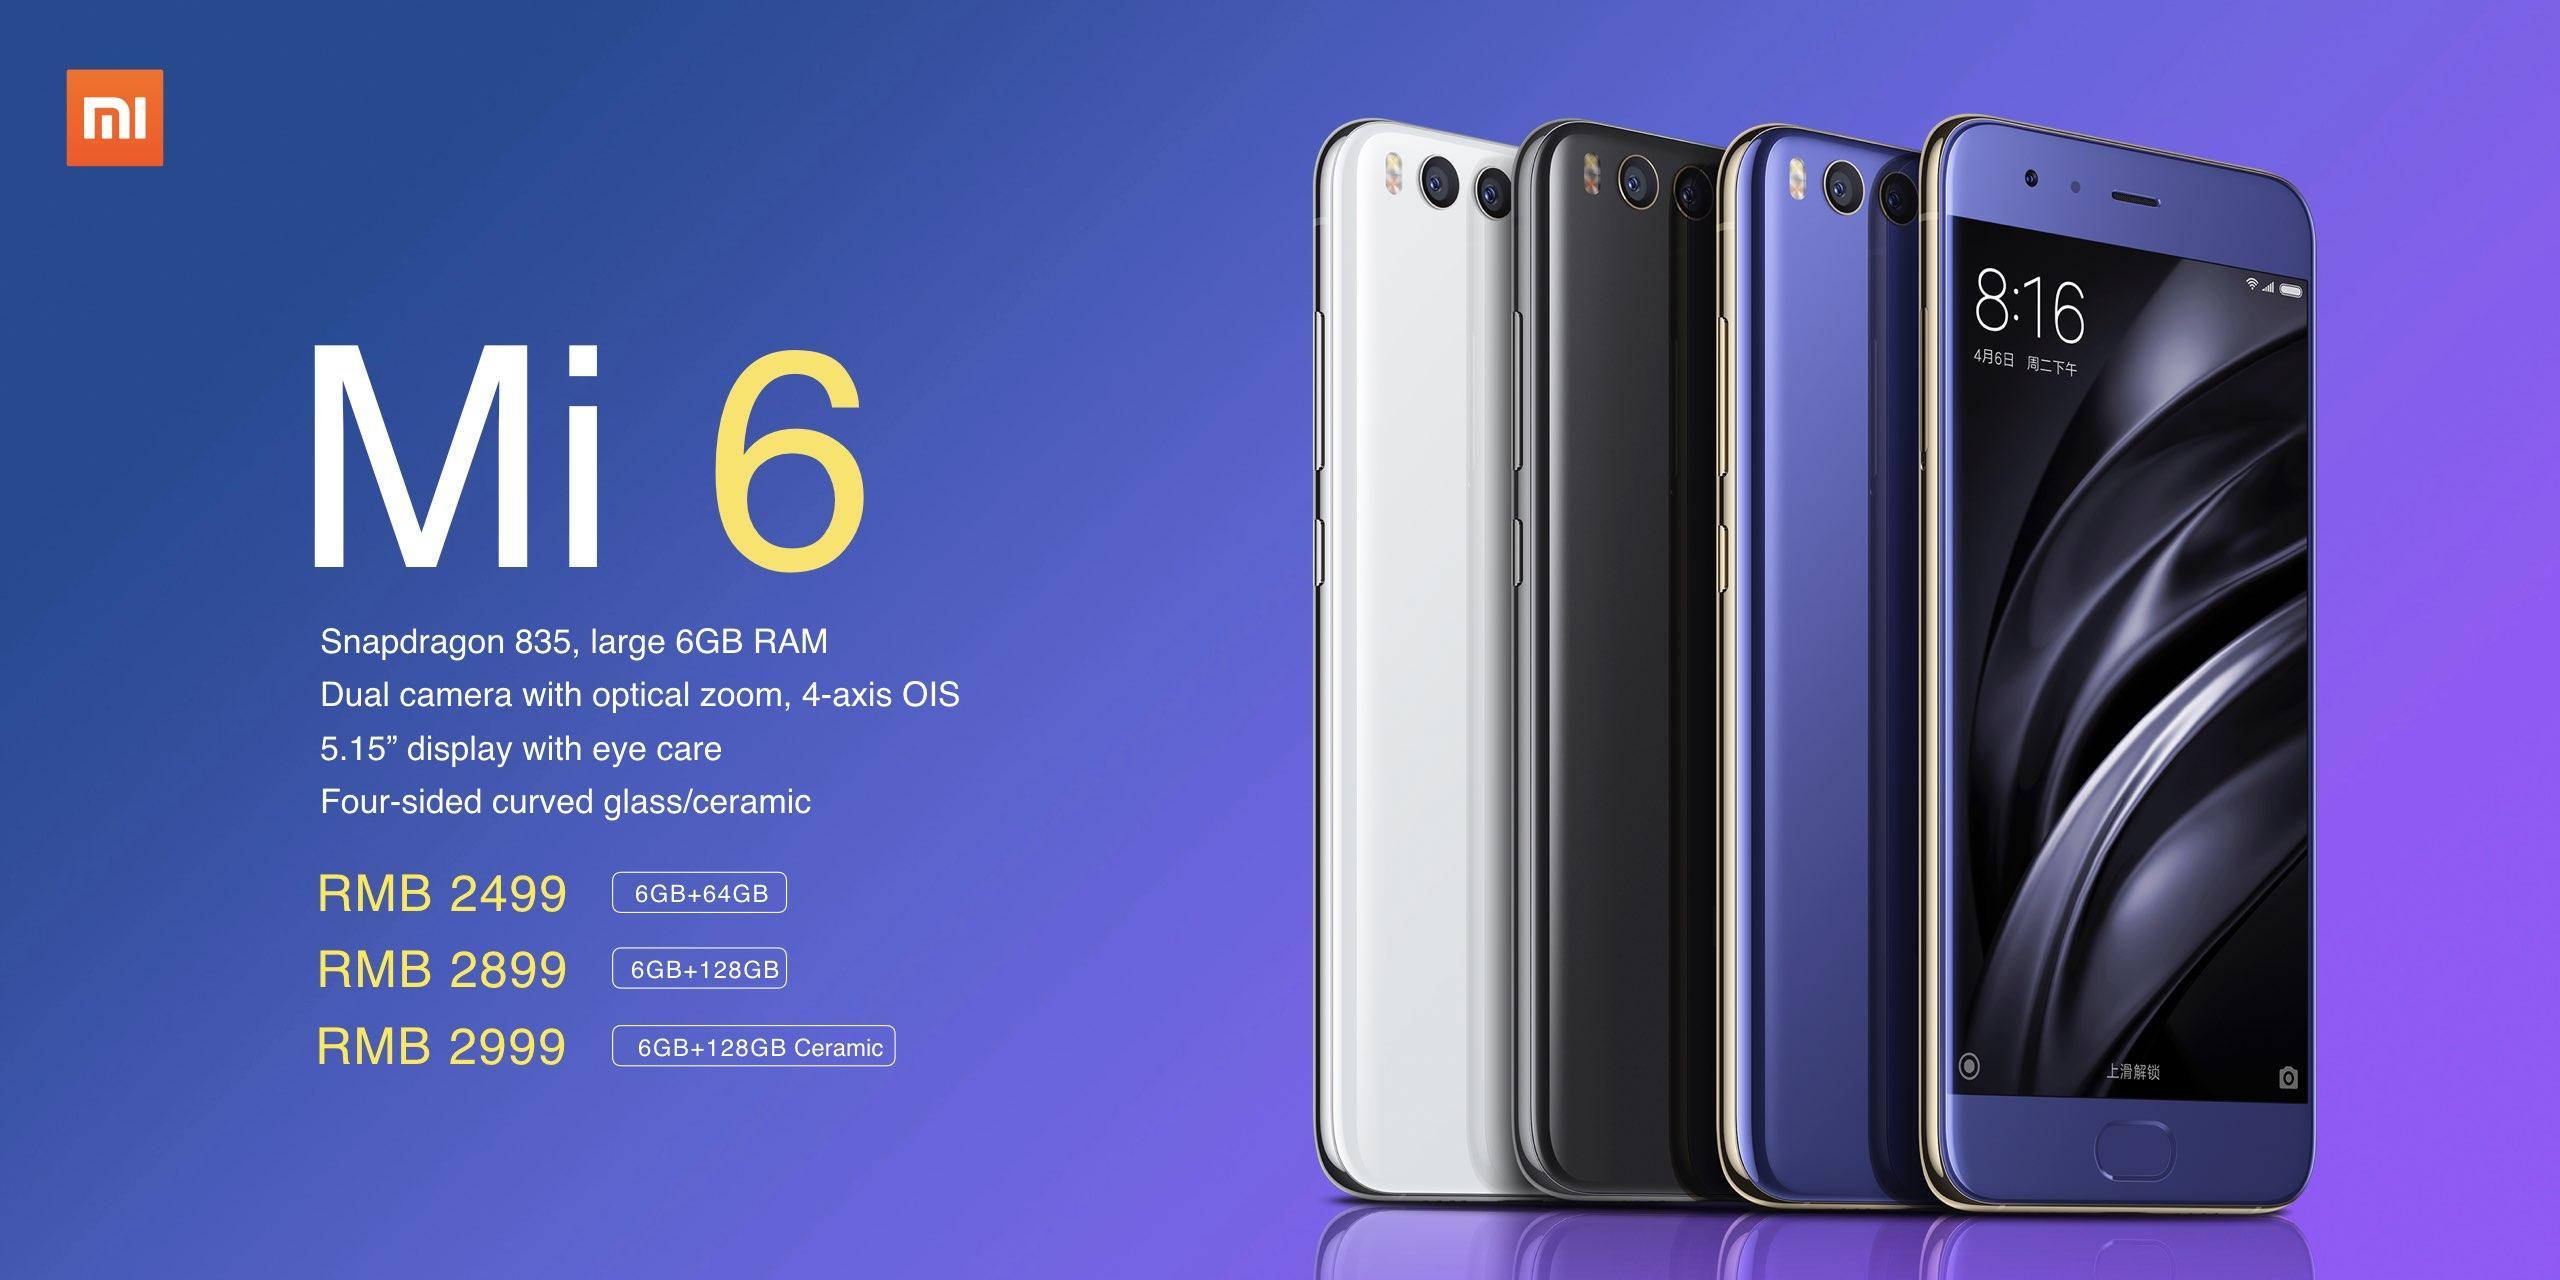 Xiaomi、フラグシップモデル「Mi6」を発表-Honor 8とP10を足して2で割った外観が特徴的